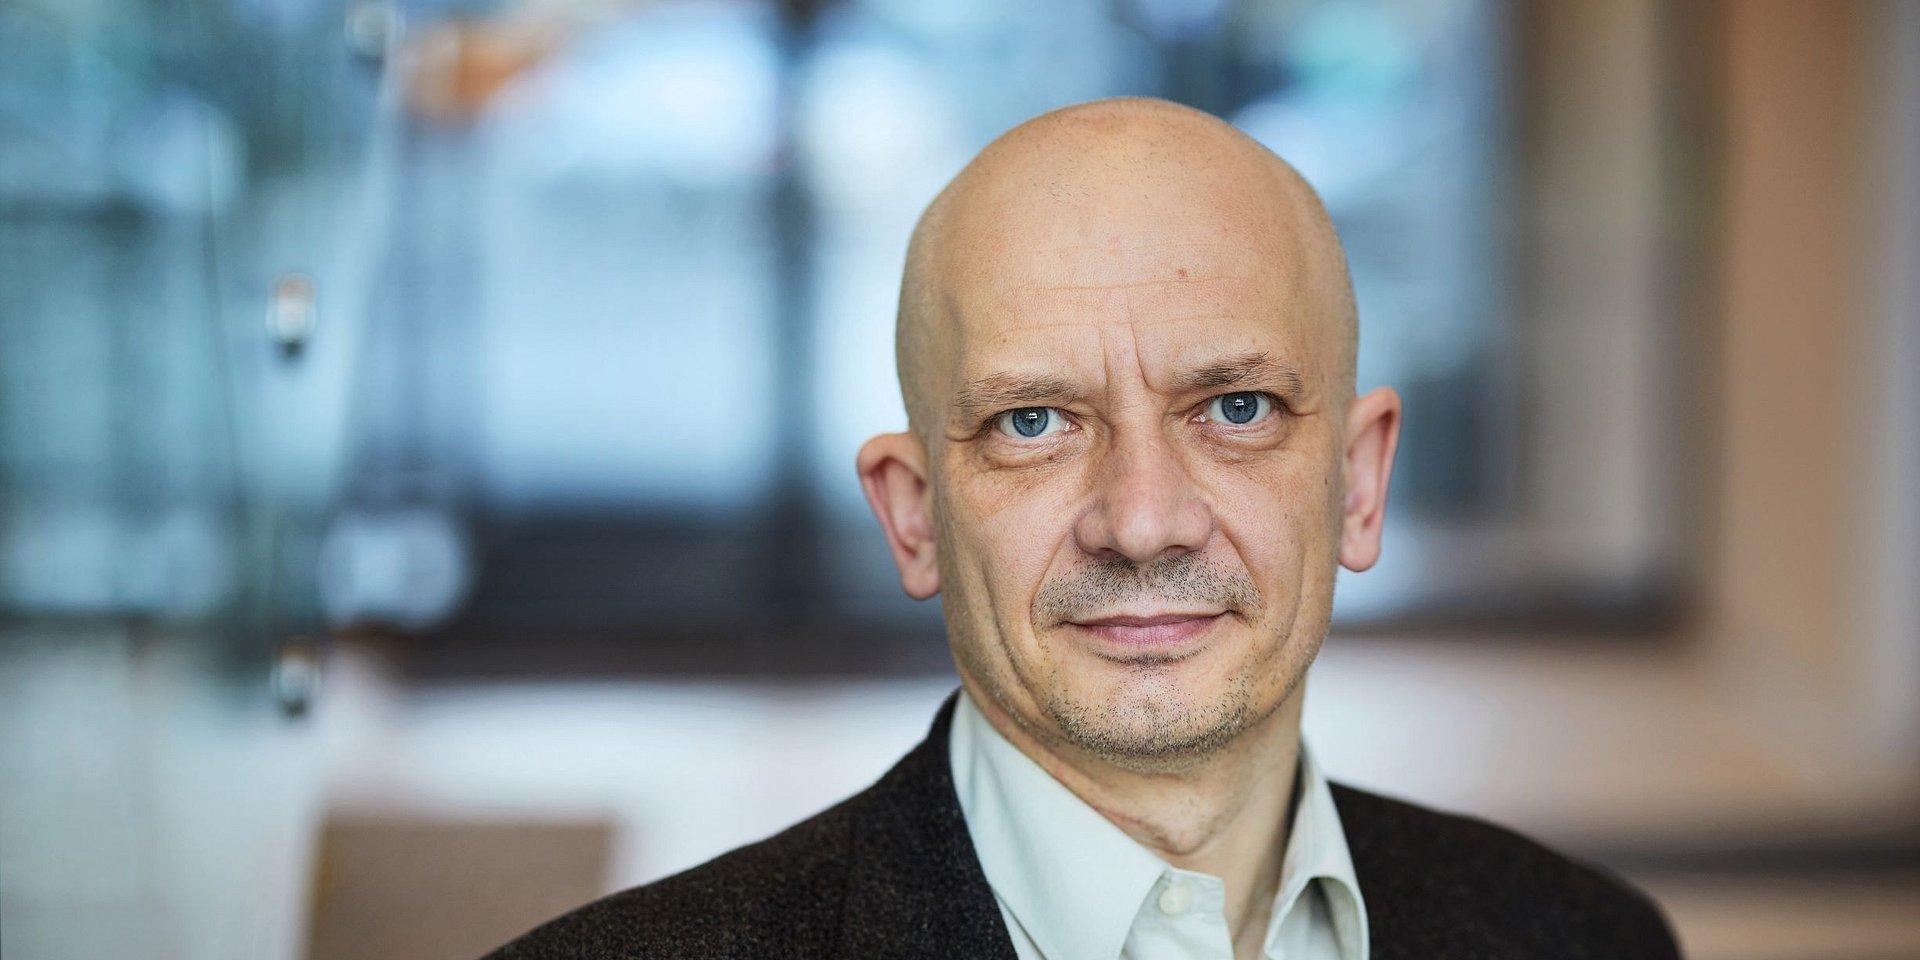 ekonomia/finanse/zarządzanie: dr Marek Szymański